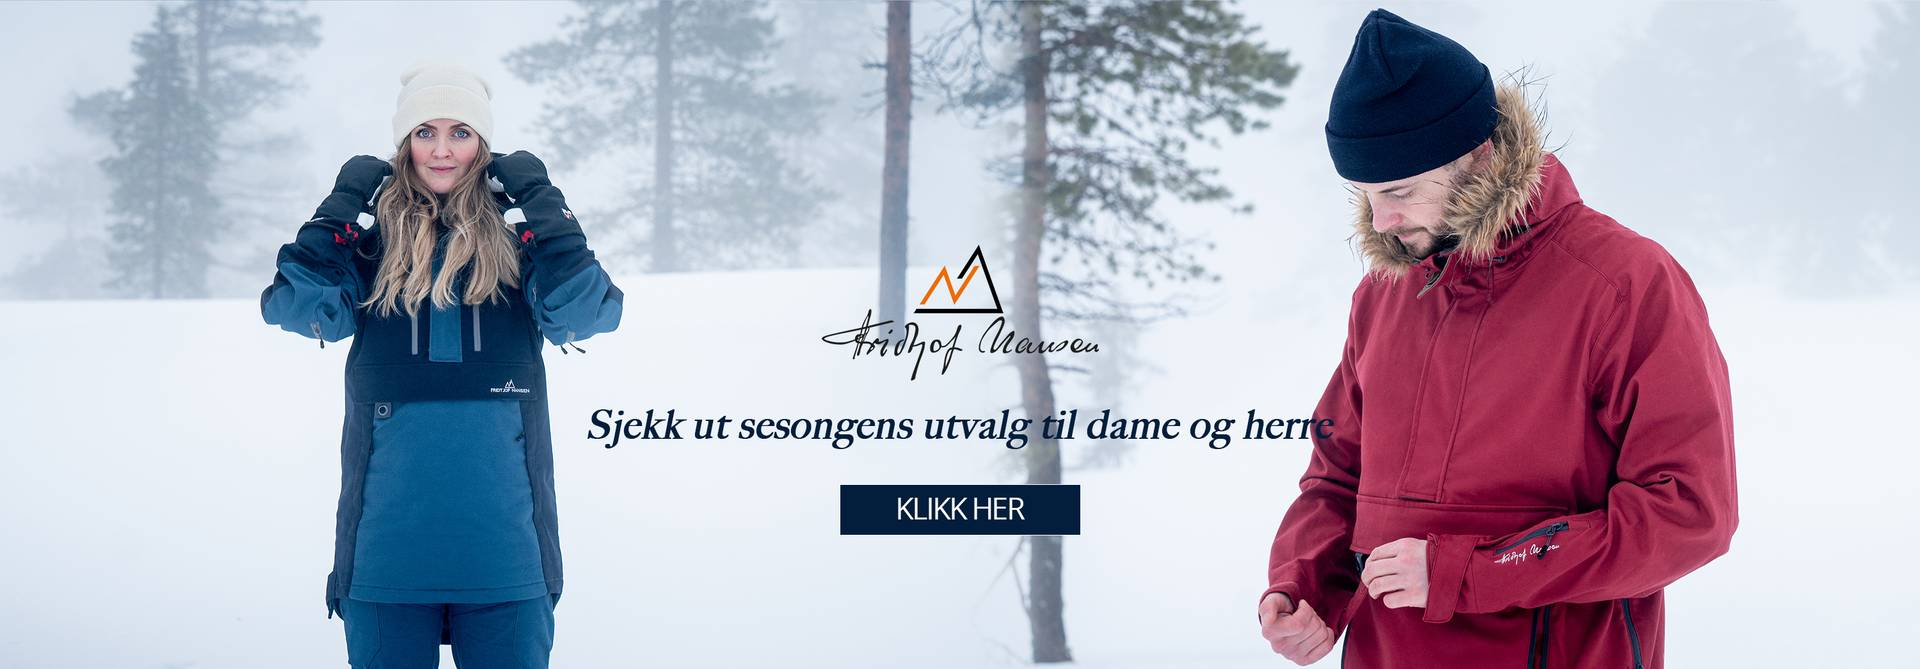 Vinter dame og herre, sesongens utvalg